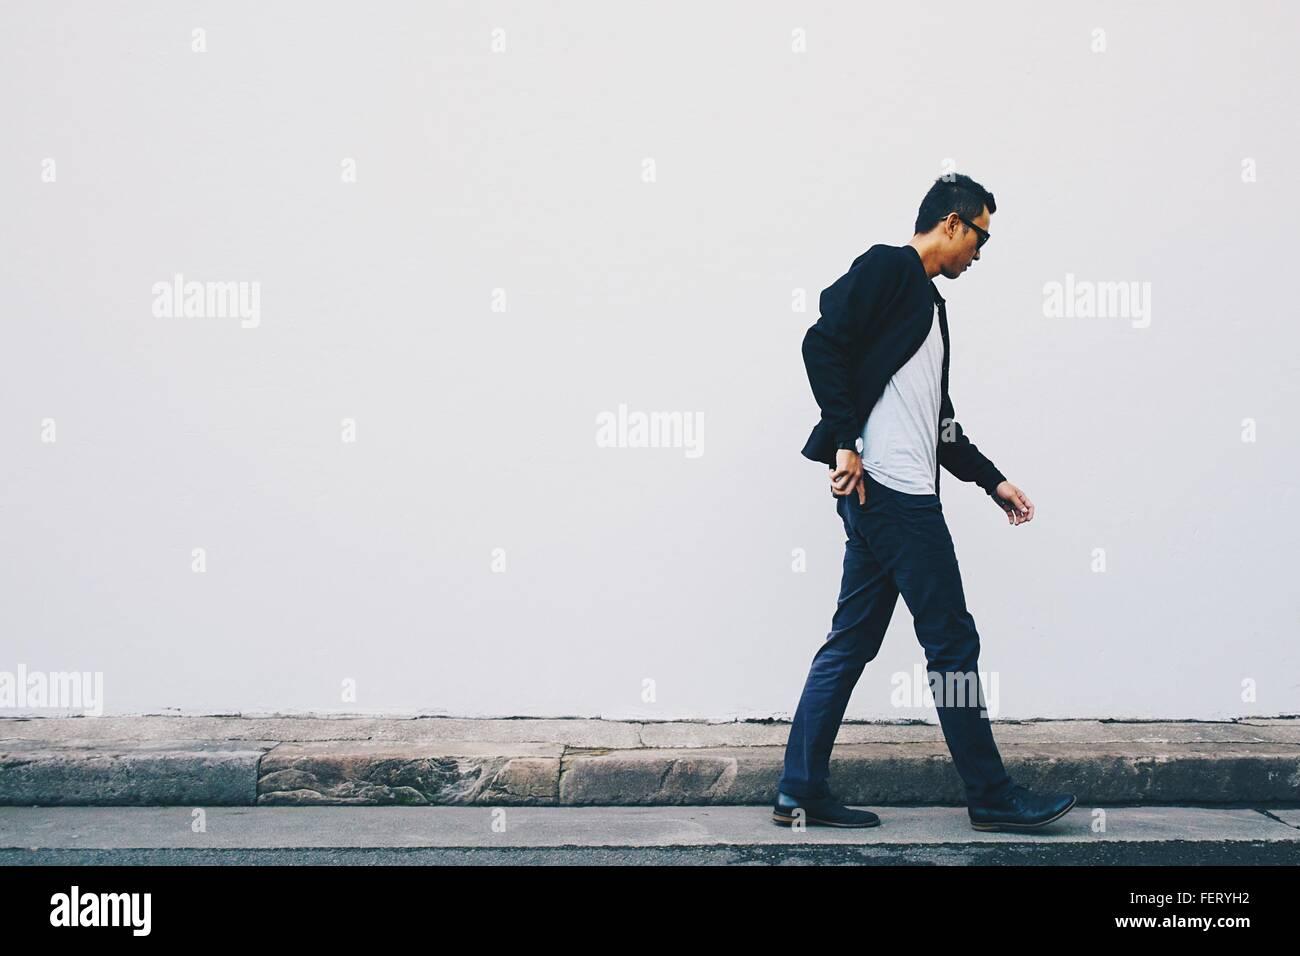 Joven caminando en la calle contra la pared blanca Imagen De Stock